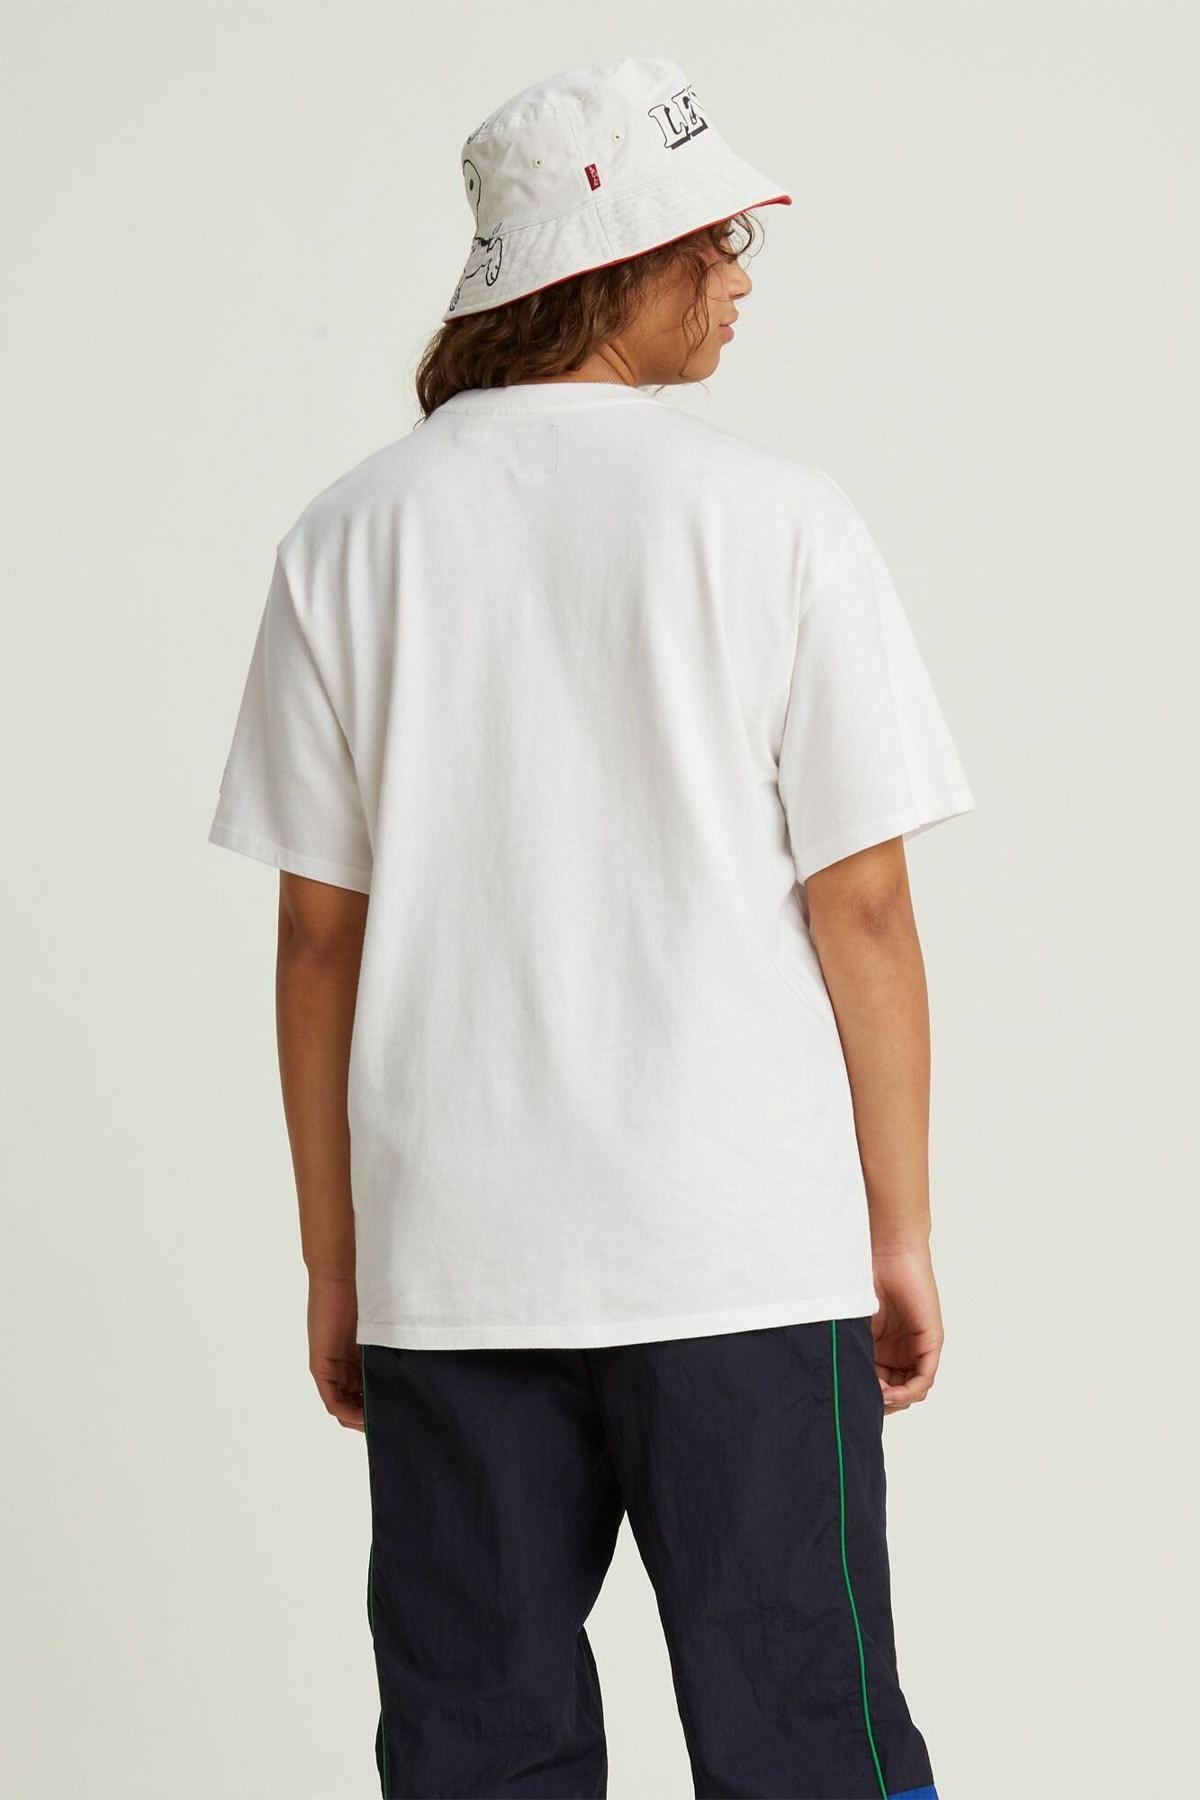 Levi's Kadın Beyaz Oversize T-Shirt 56152-0003 2